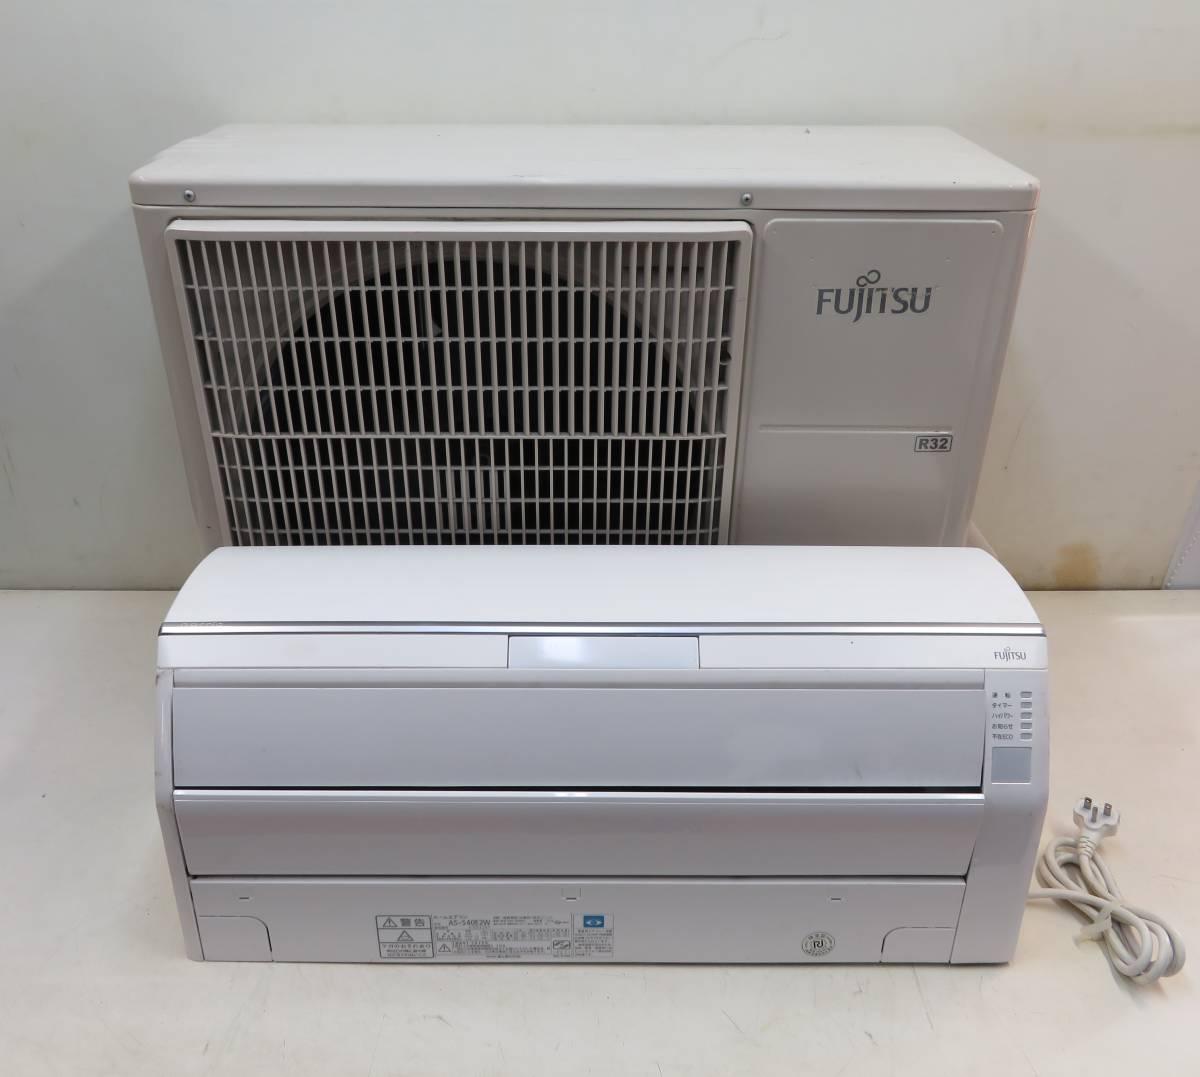 (35) 【2015年】FUJITSU ルームエアコン◆AS-S40E2W/ AO-S40E2 エコナビ R32冷媒 /室内機/室外機 セット200V_画像4